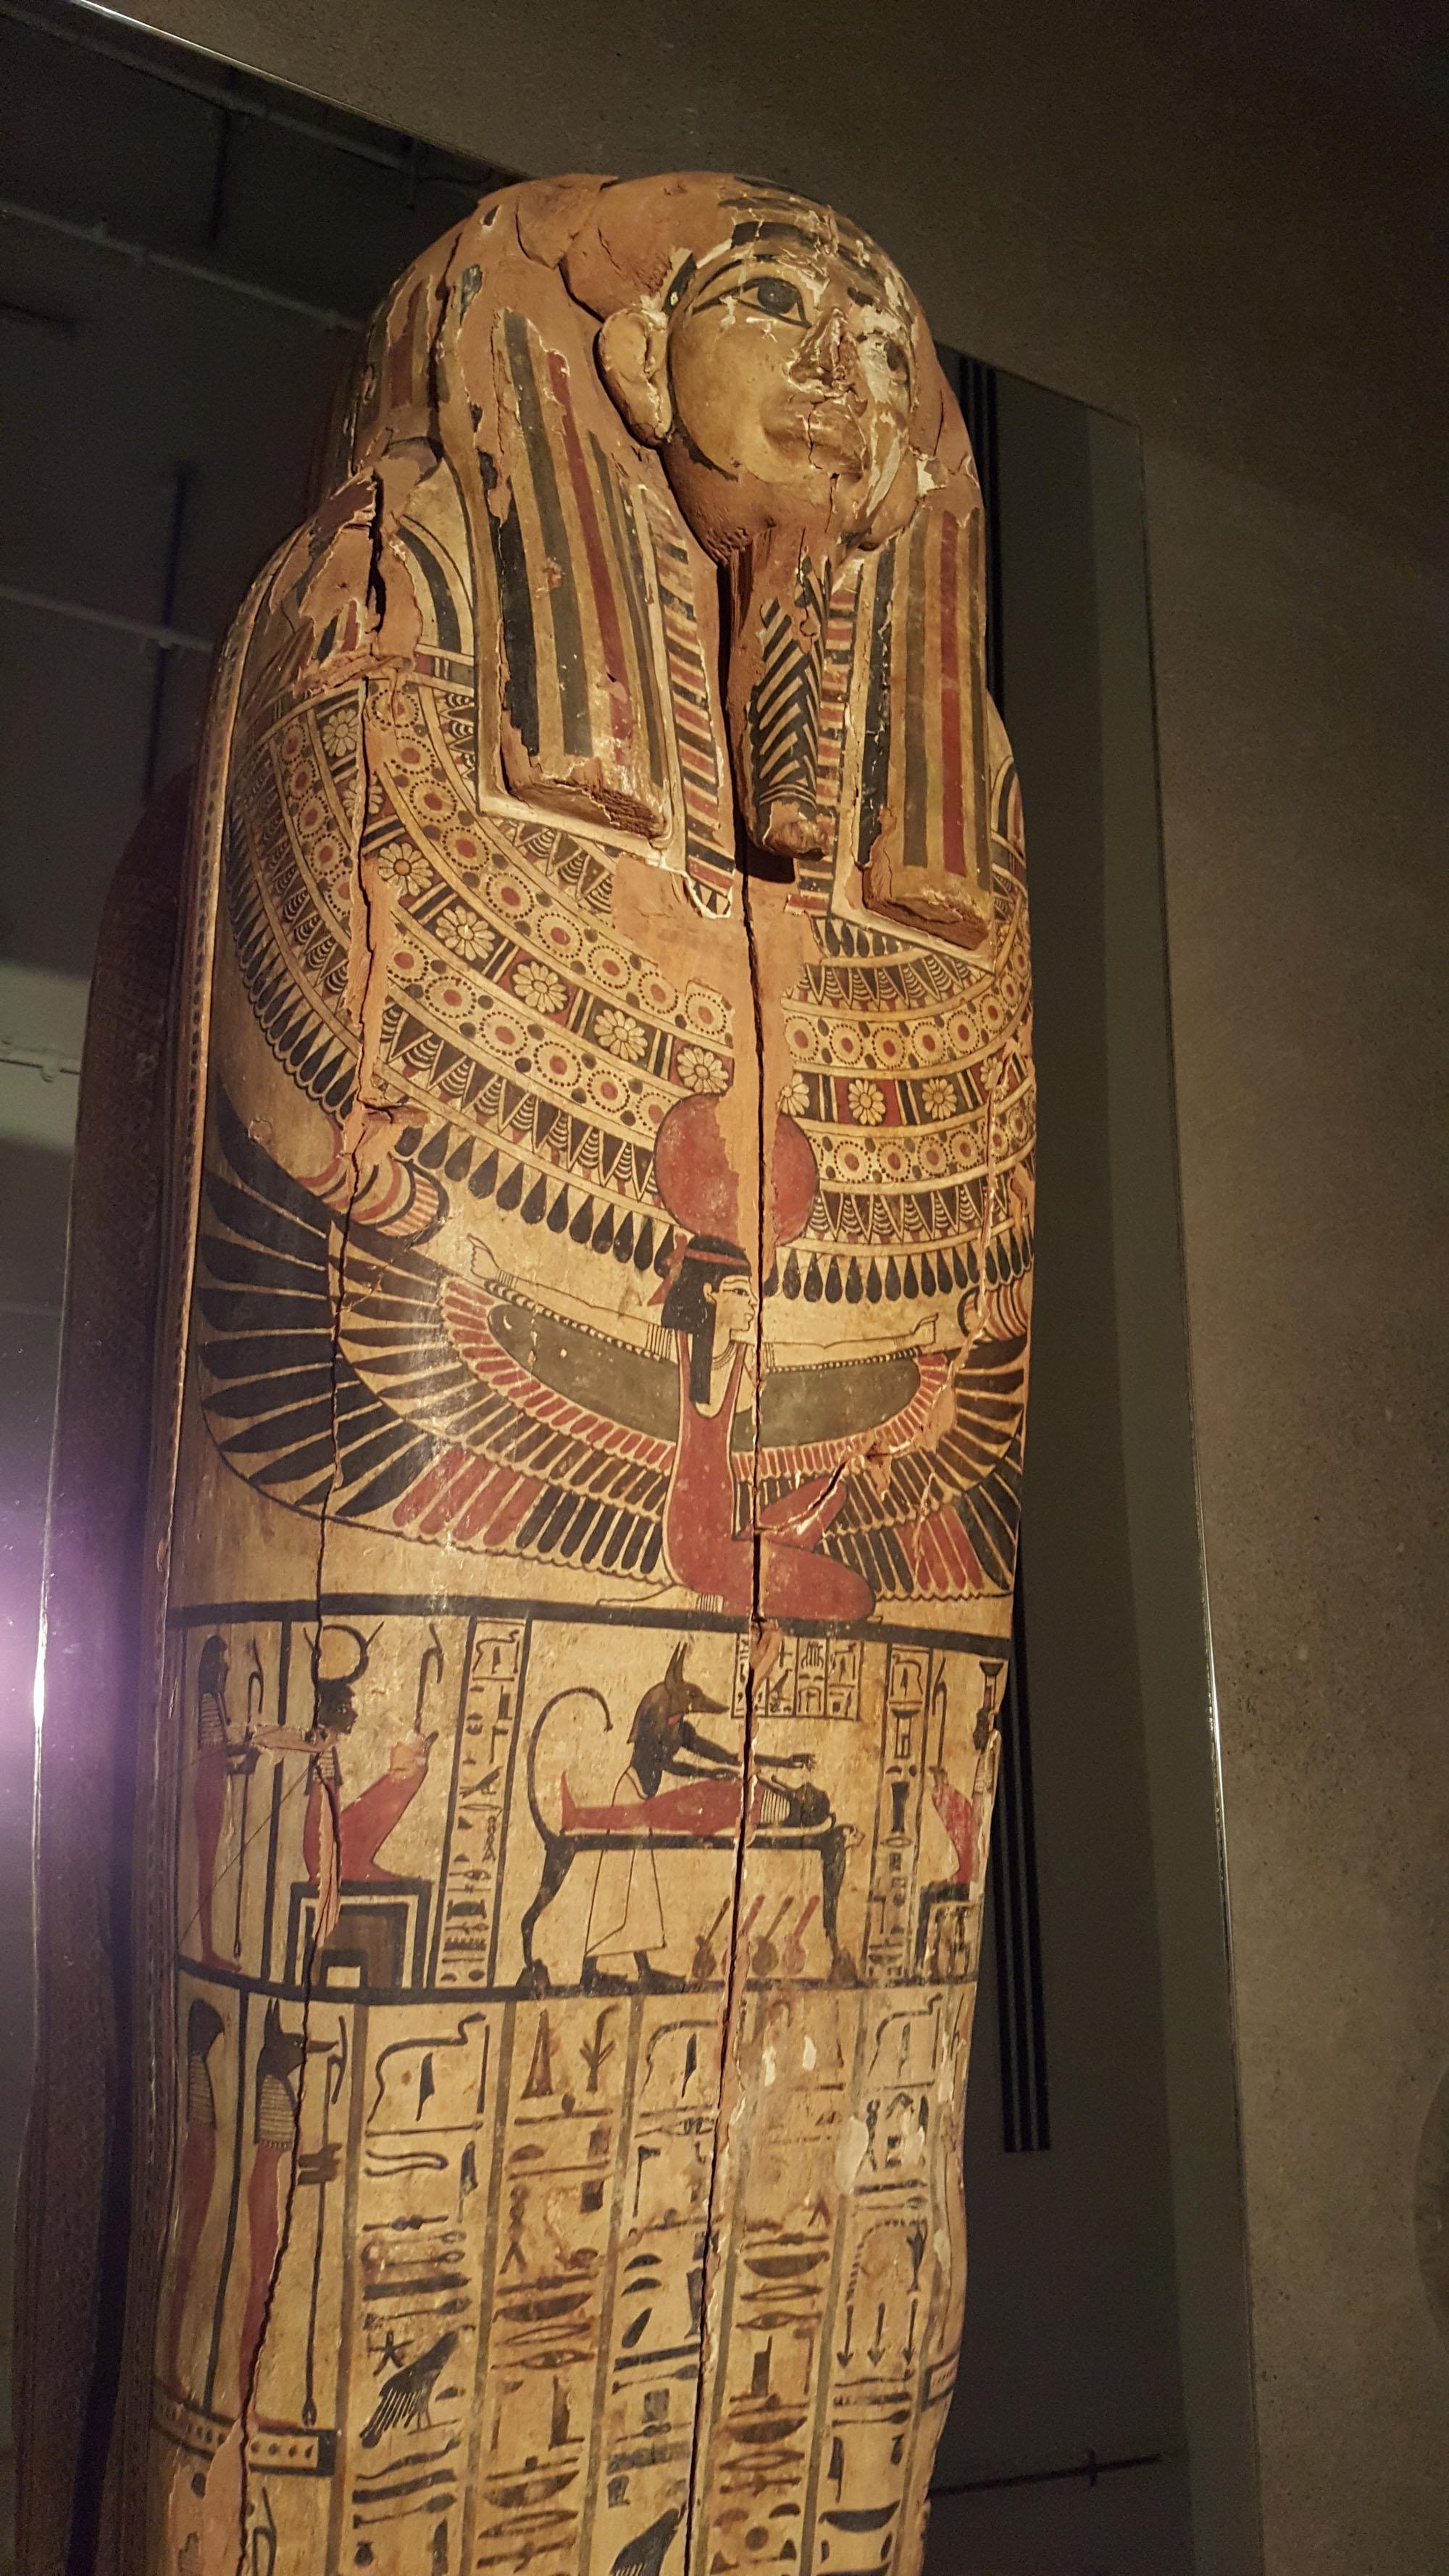 Sarcophage d'Hetep-Bastet présentant une riche décoration sur fond jaune avec de nombreuses divinités peintes, dont Isis aux ailes déployées et Anubis momifiant un corps.